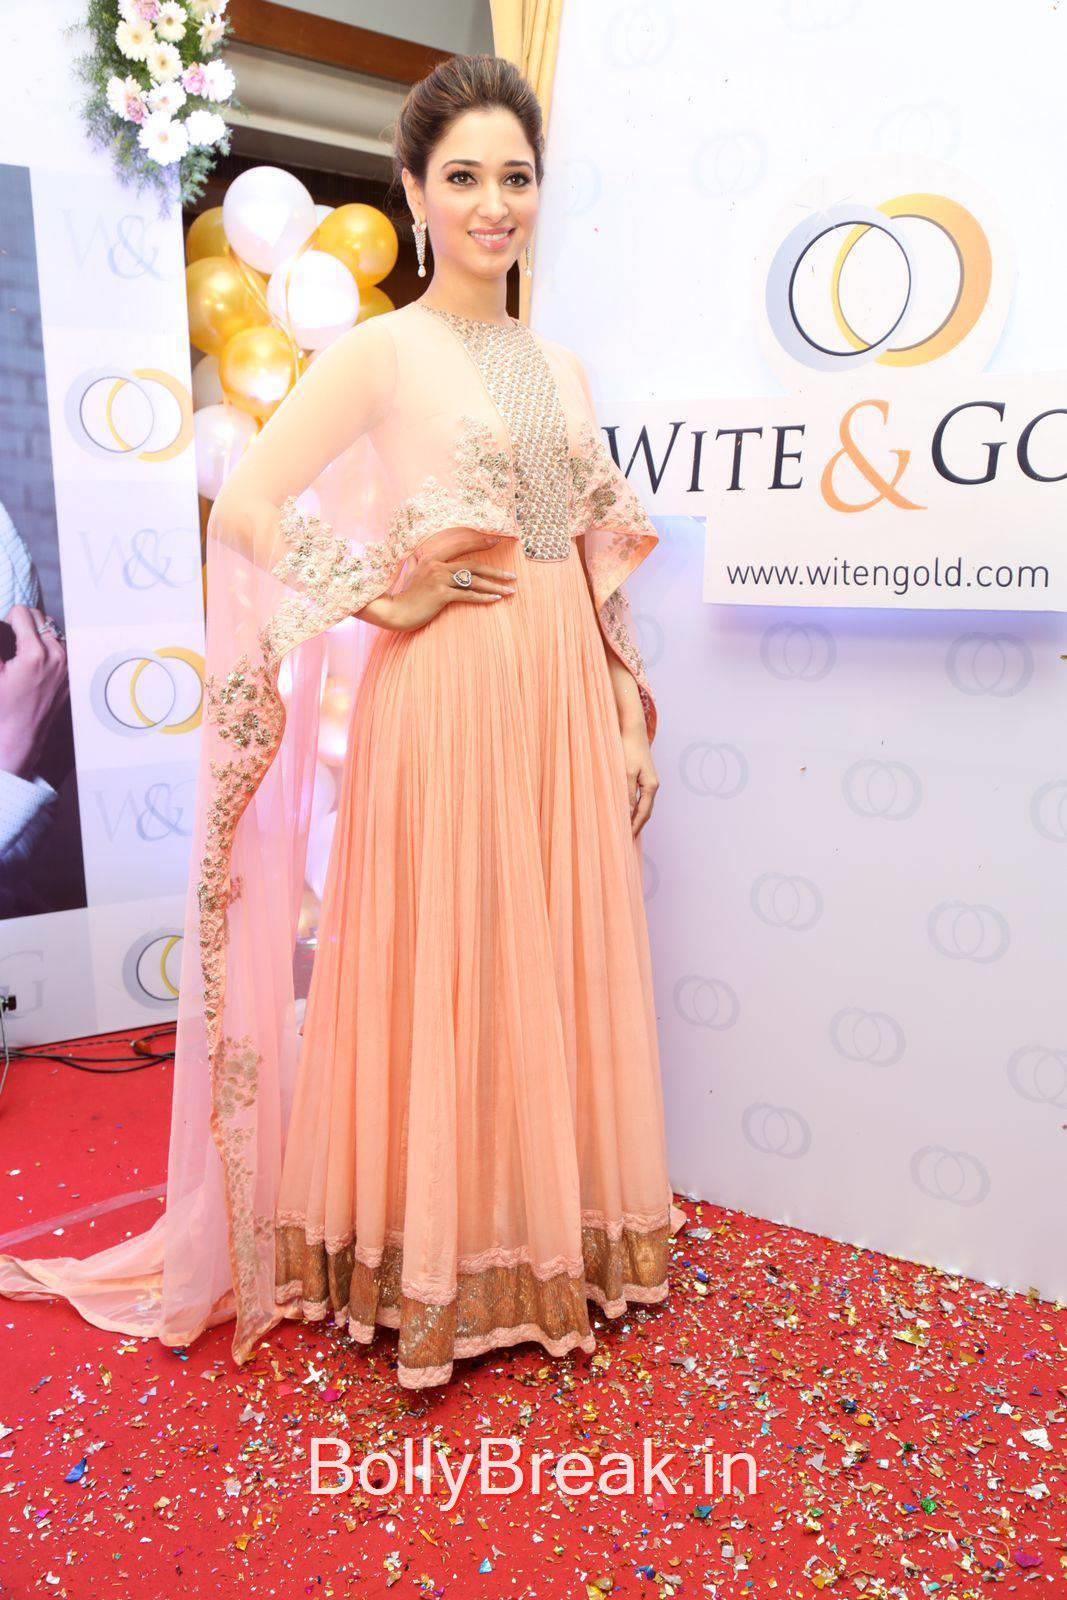 Tamanna Photos, Tamanna Bhatia Whitegold.Com Venture launch Pics